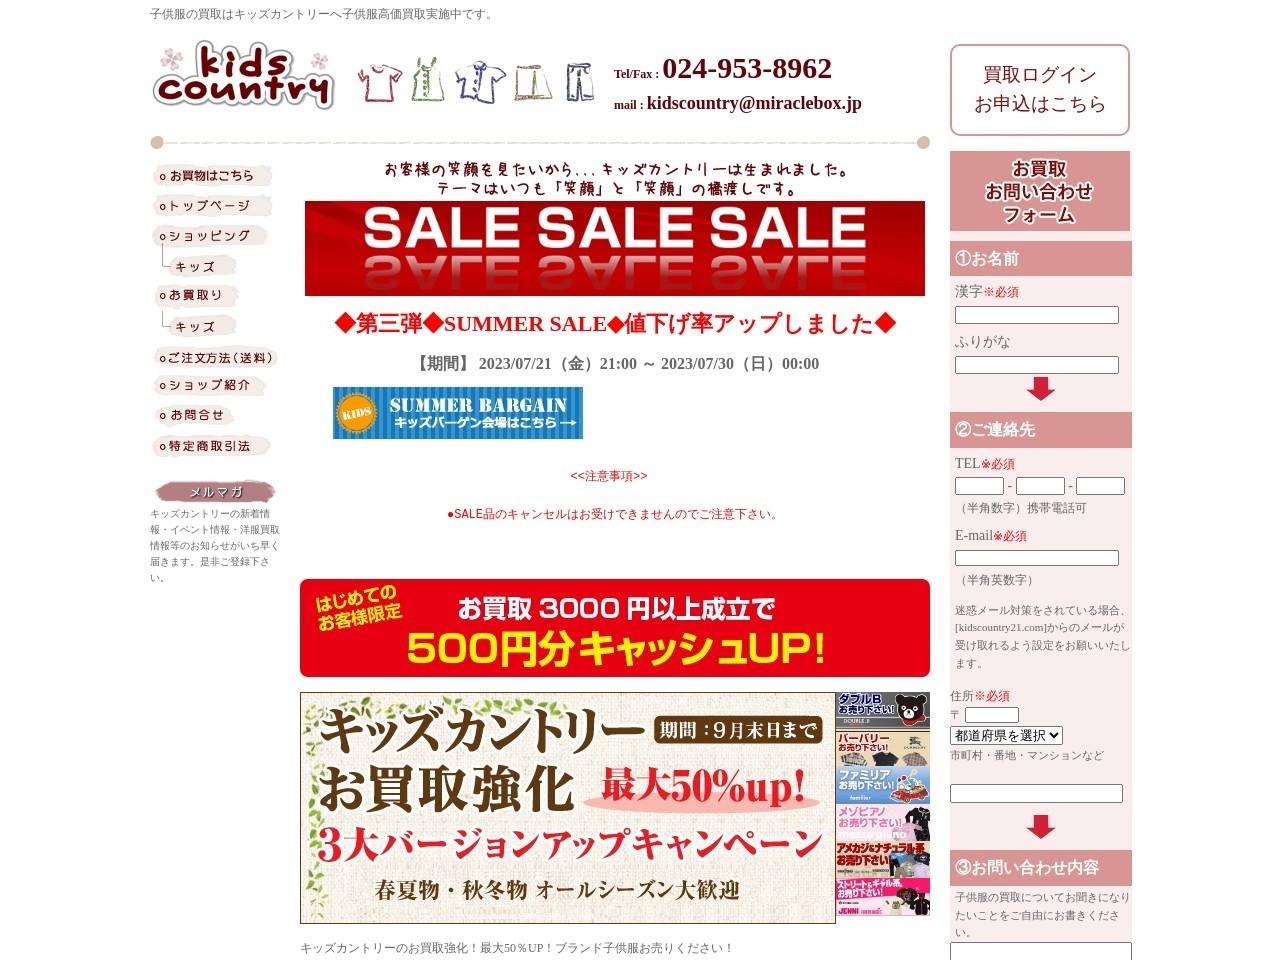 洋服の買取。大阪府豊中市【キッズカントリー】洋服の高価買取中です!